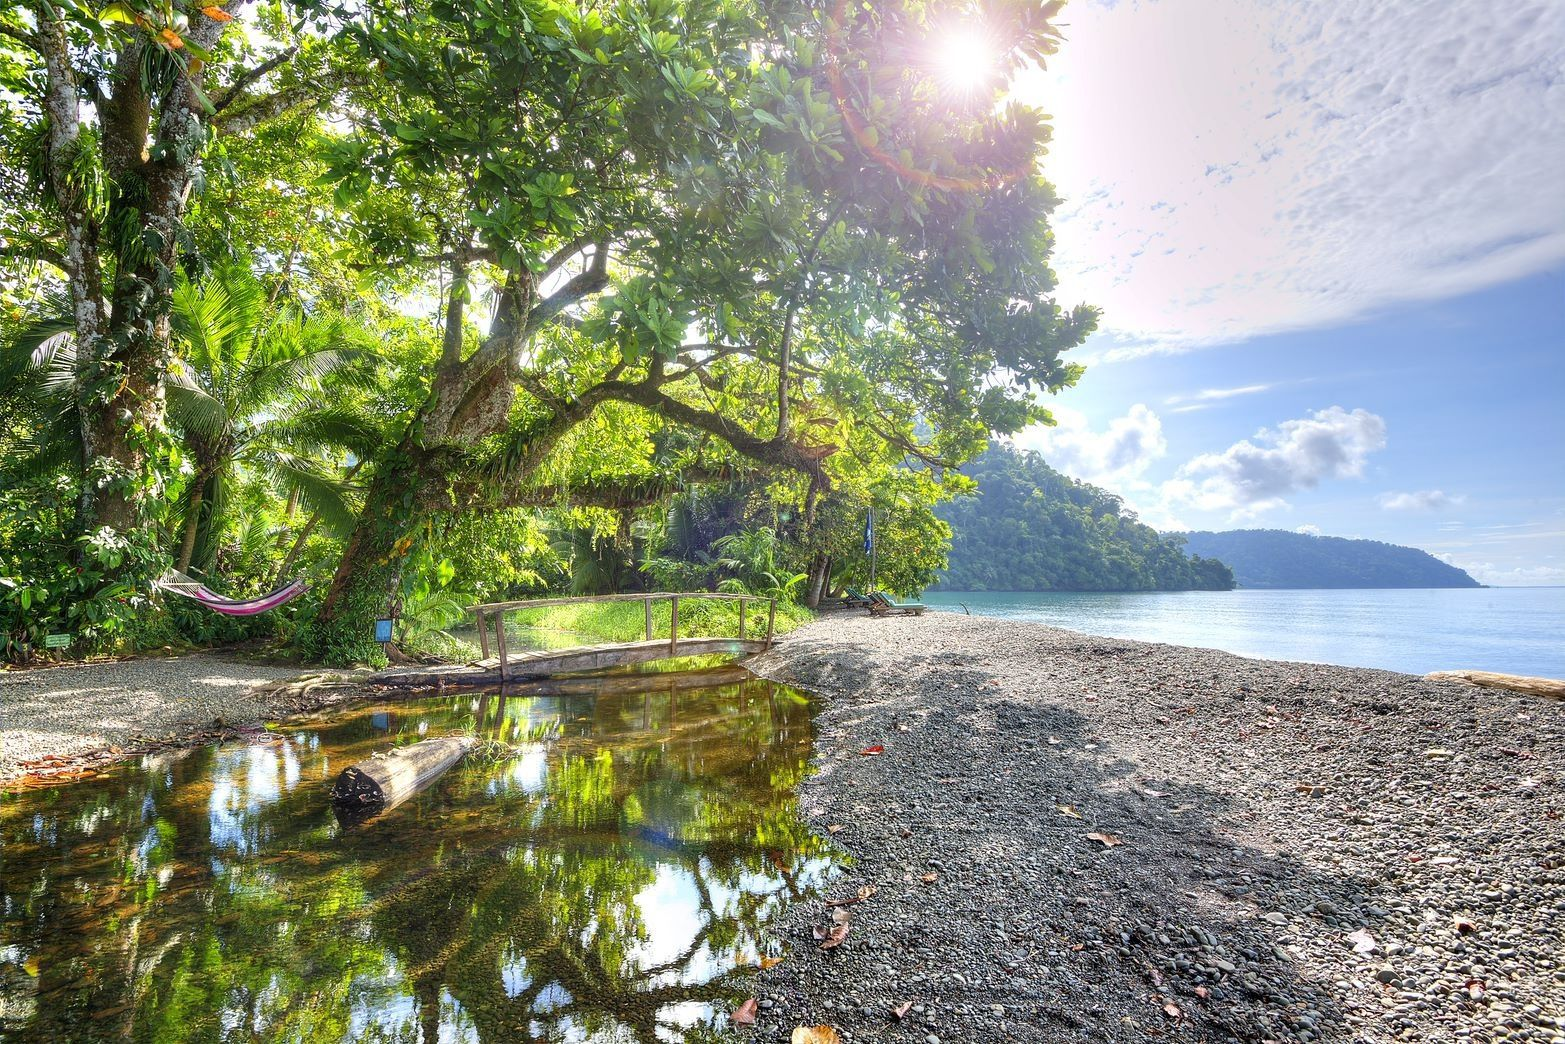 29-07-2020 Turismo de Costa Rica ESPAÑA EUROPA MADRID ECONOMIA TURISMO DE COSTA RICA